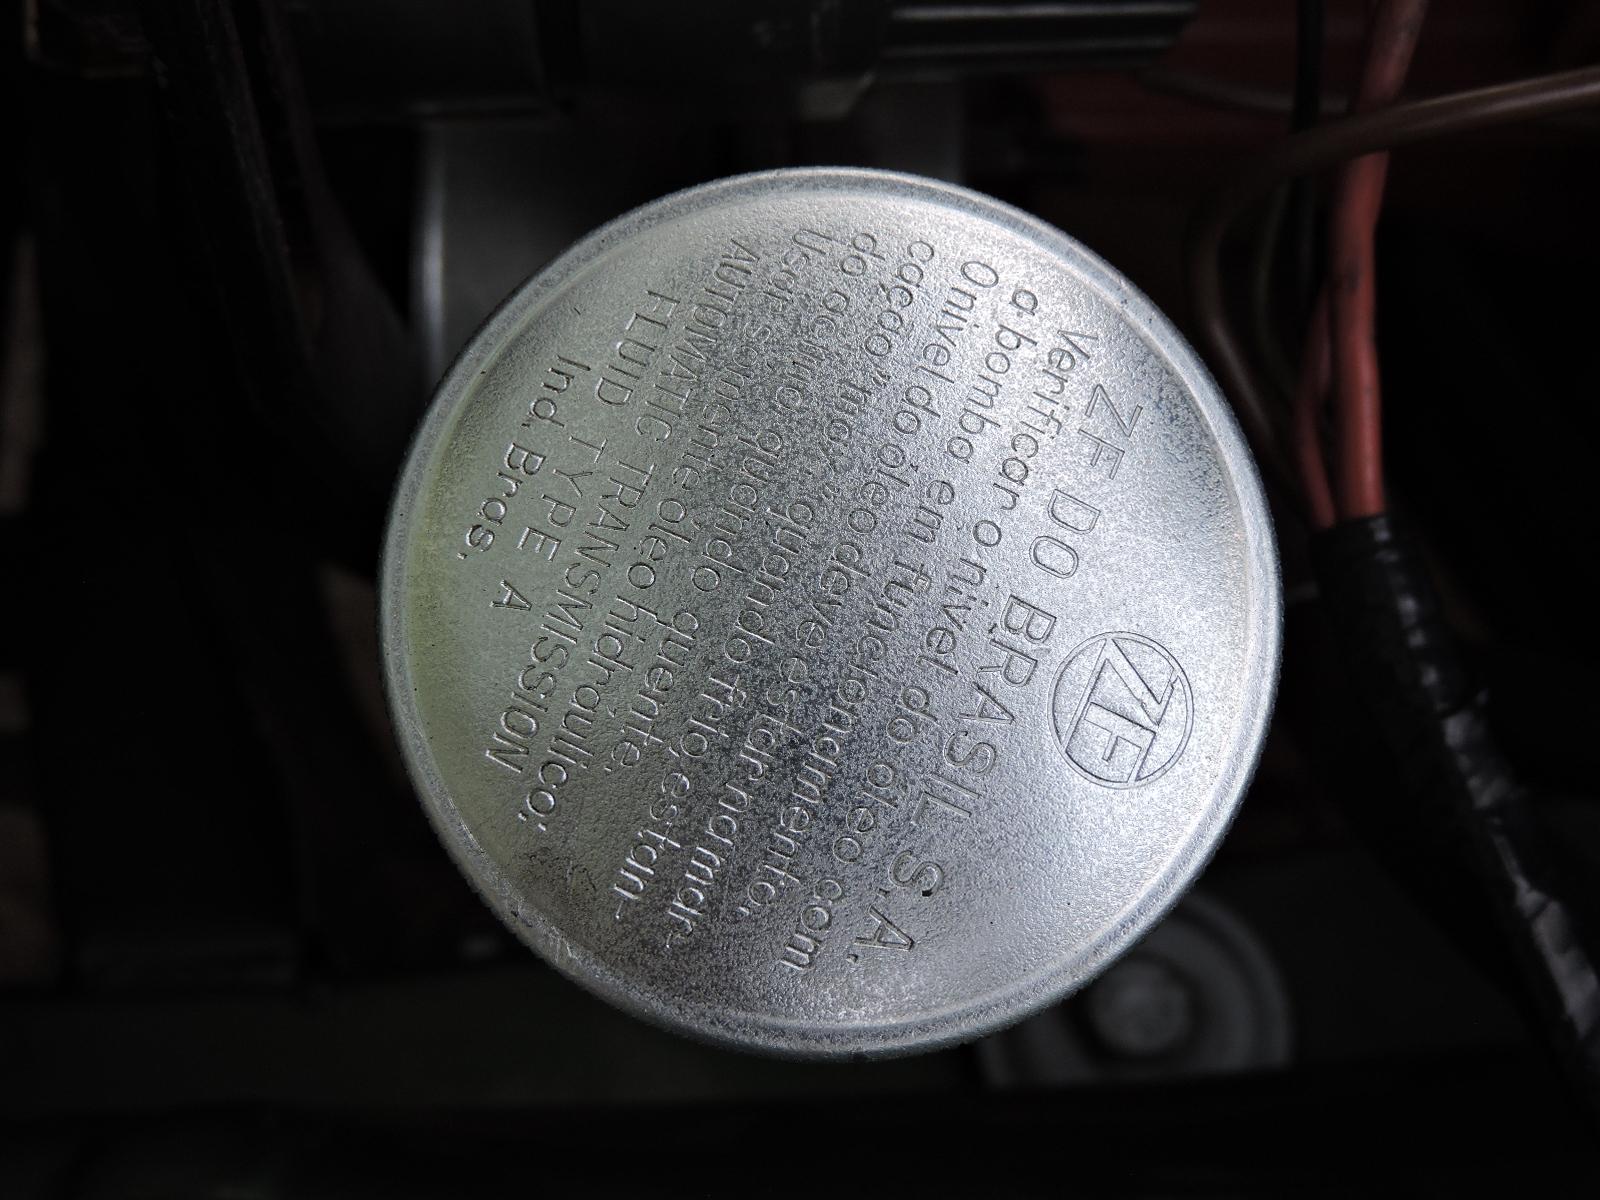 dscn5686-2